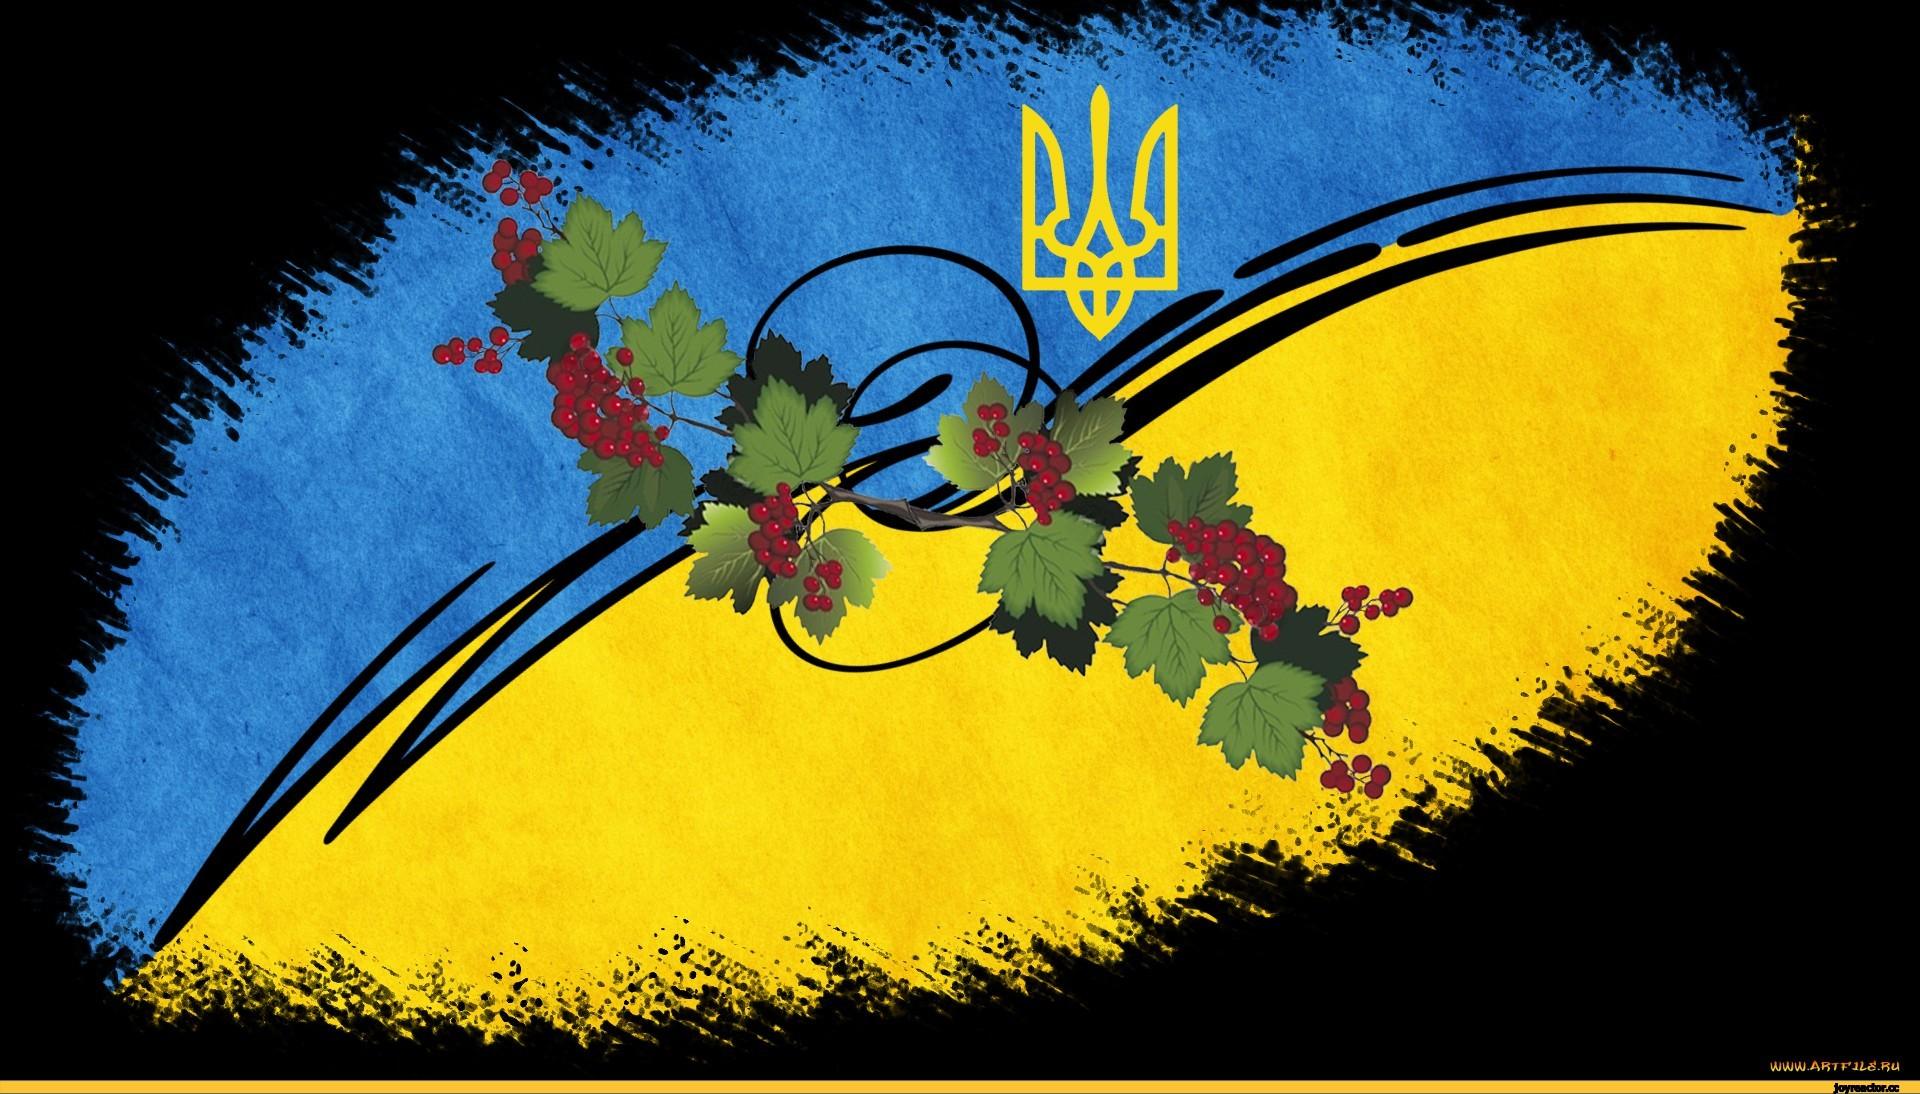 Карта россии на обои рабочего стола